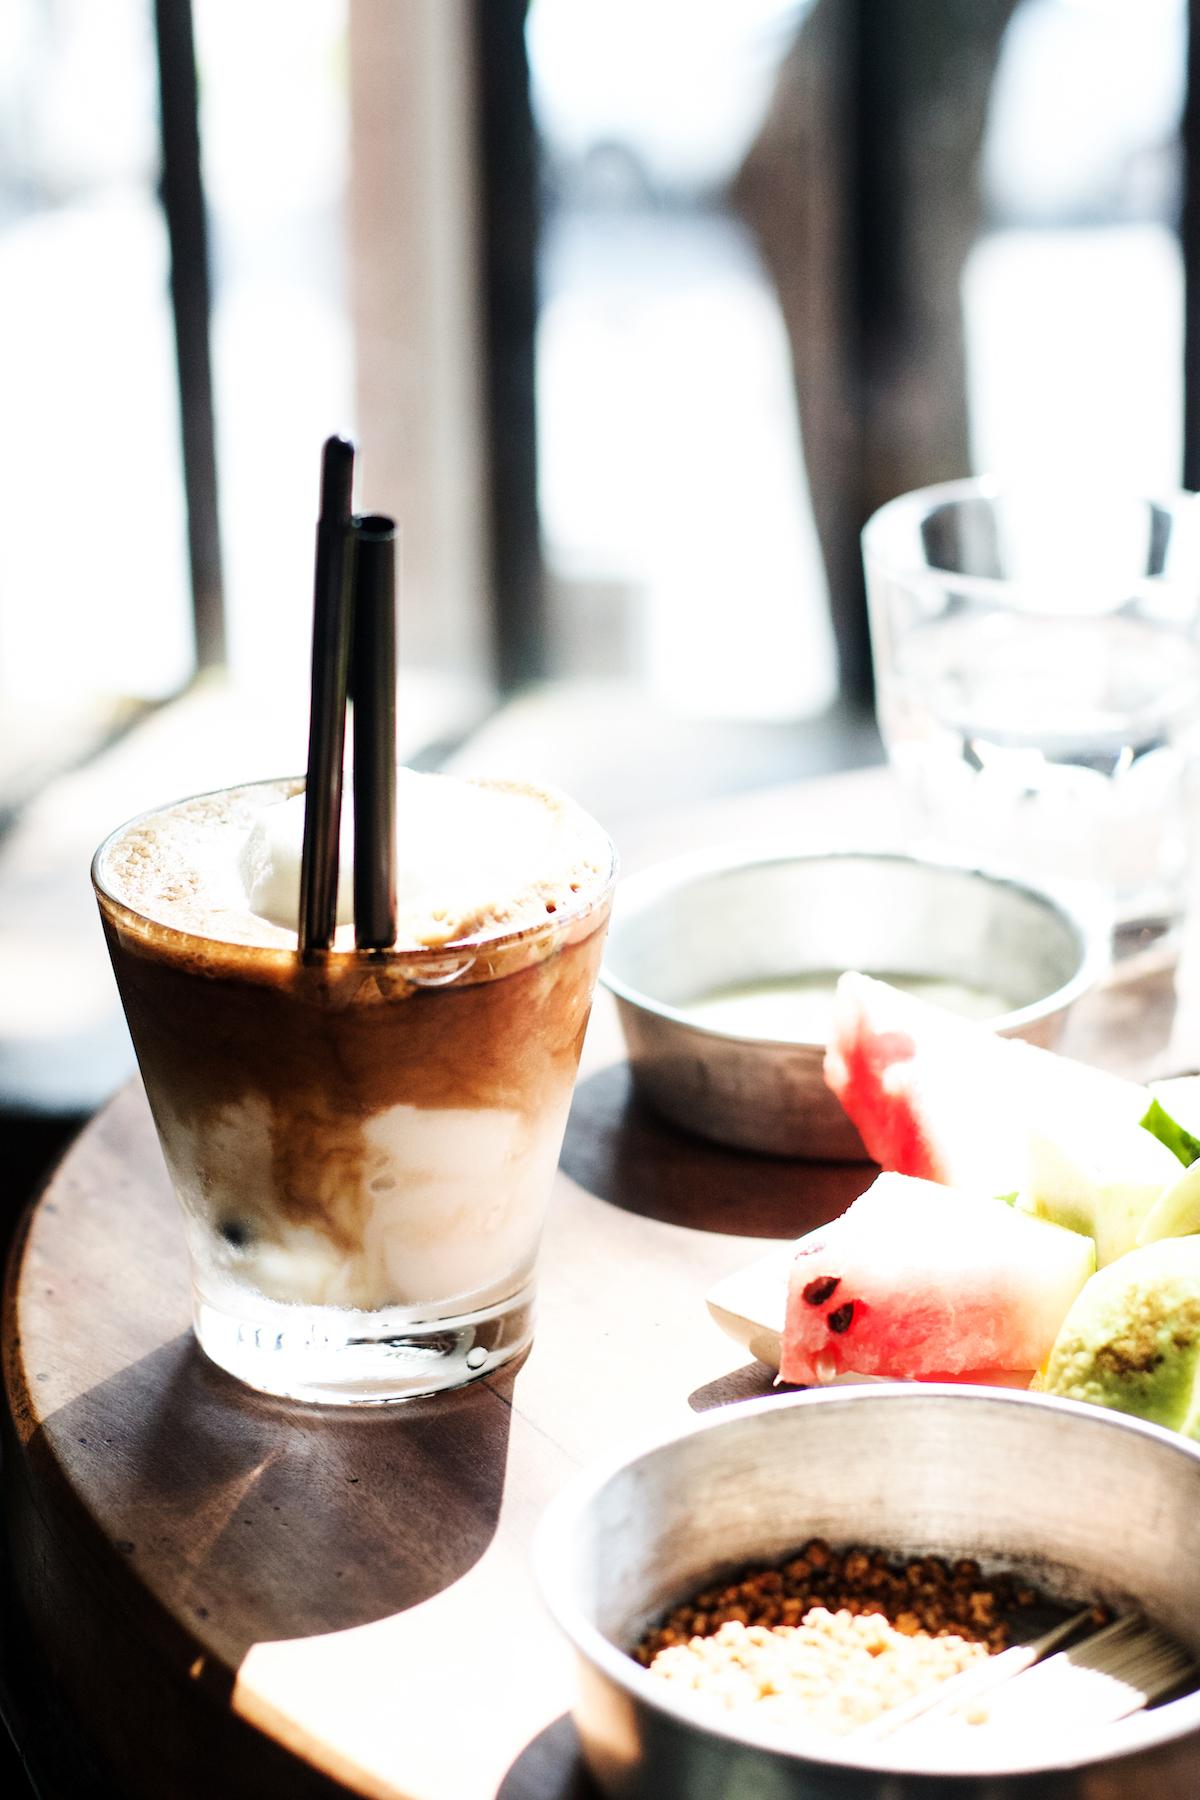 Cong Ca Phe, Da Nang, Vietnam Foodie Guide | Ruby Josephine